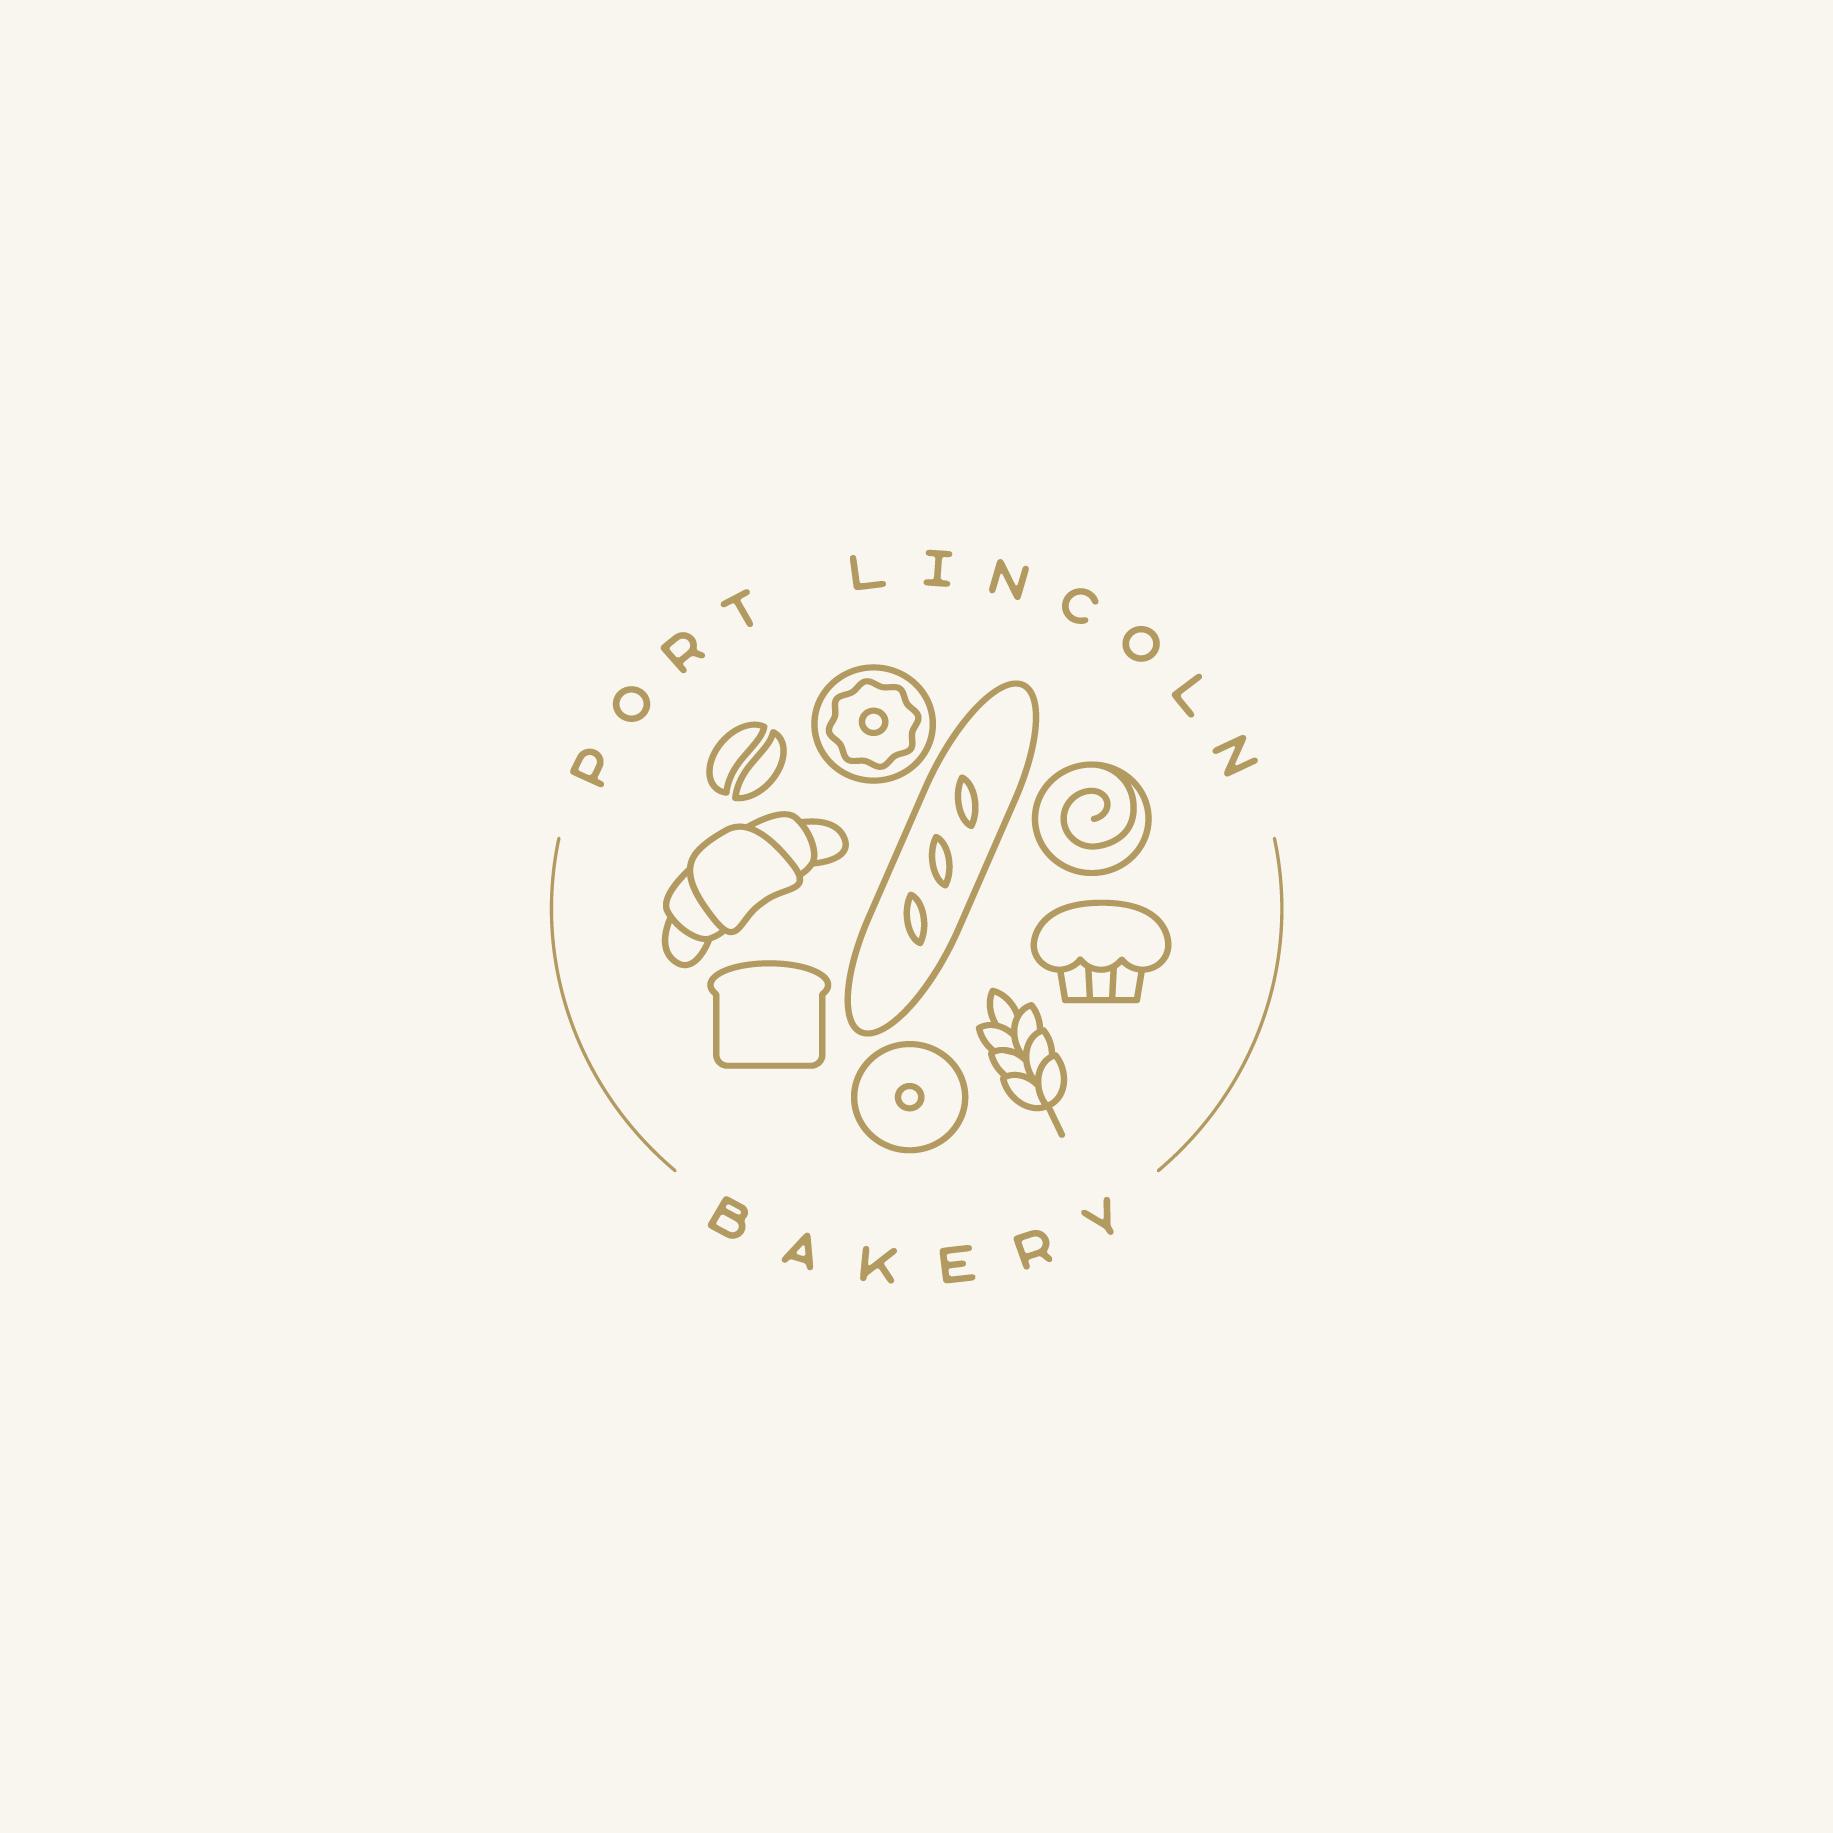 Port Lincoln Bakery Branding Sub-Mark